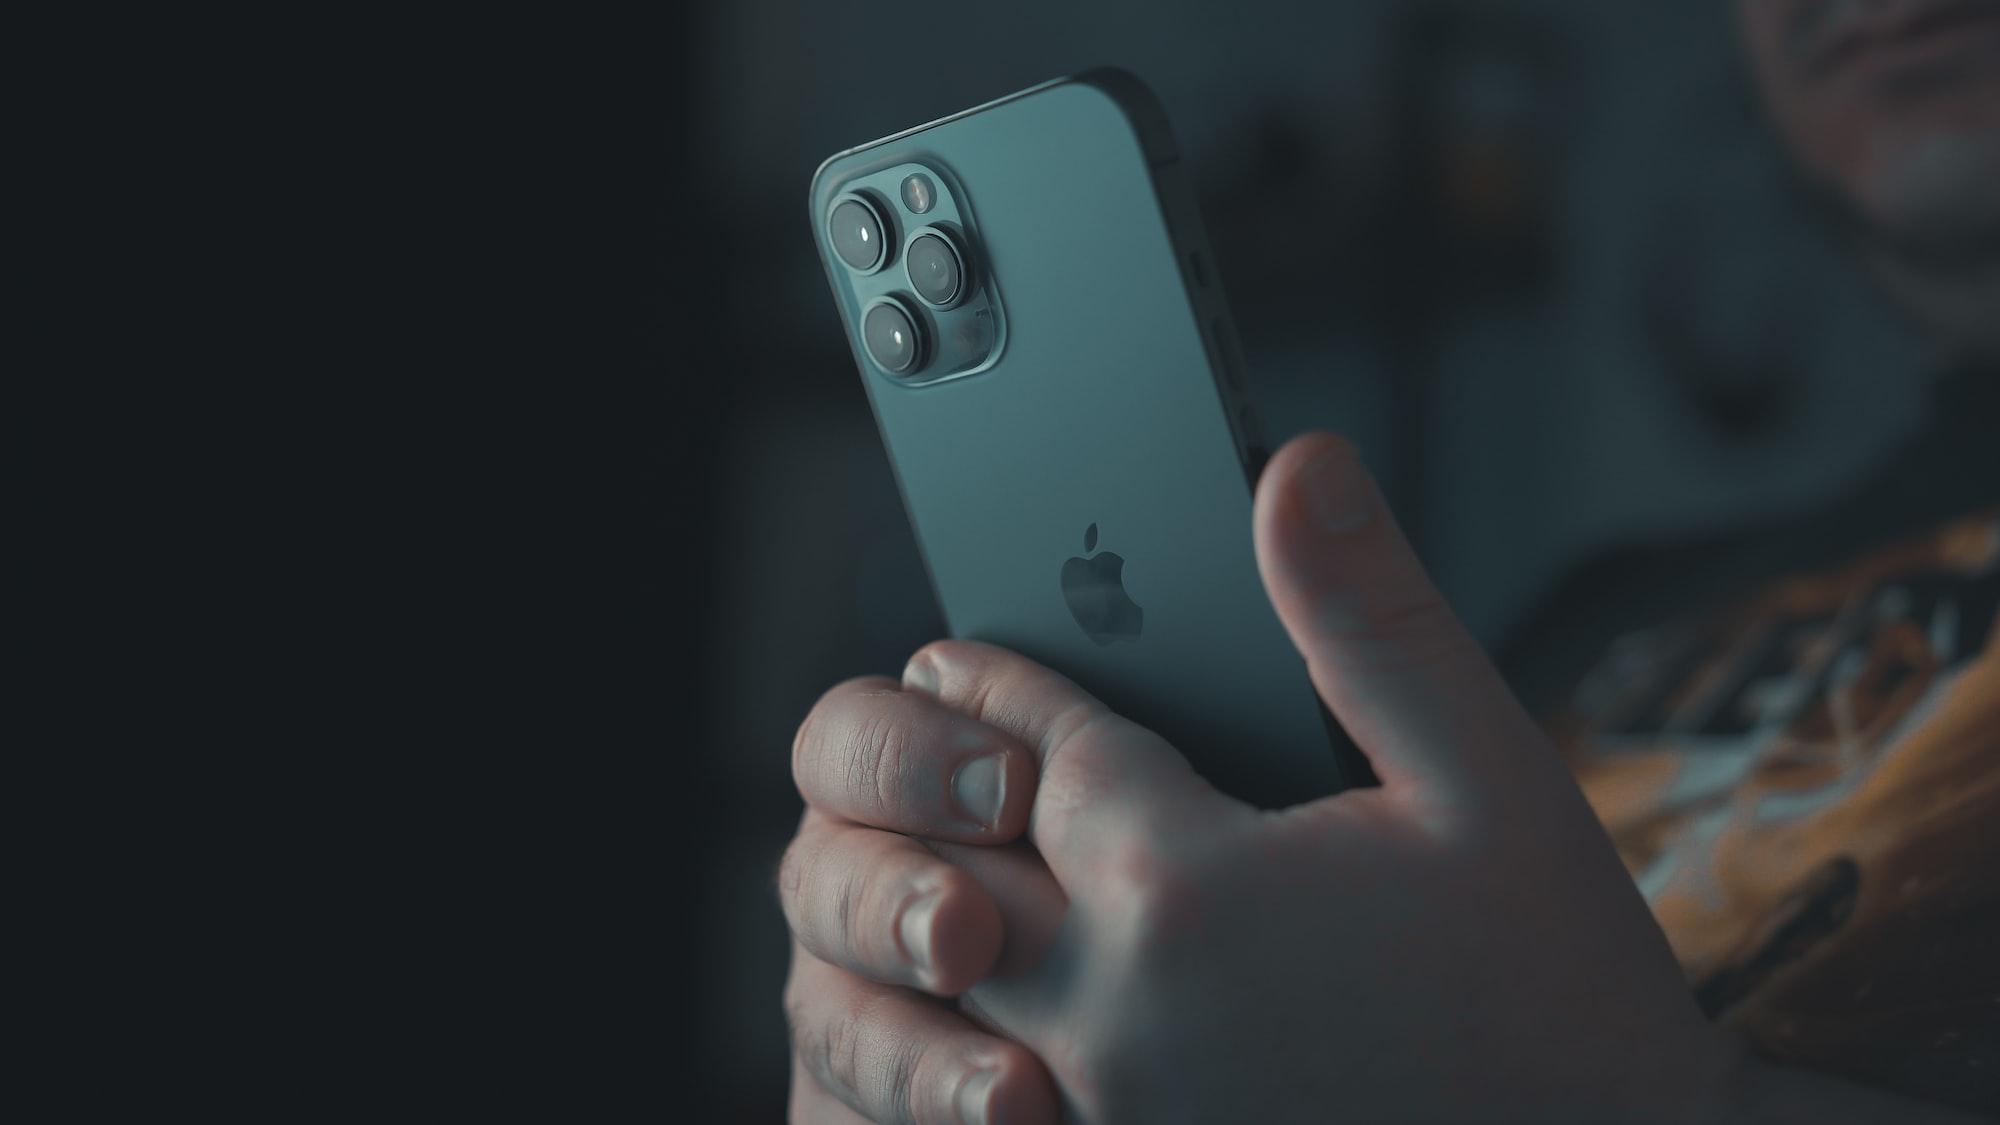 Польский оппозиционный юрист поблагодарил Apple за надёжное шифрование в связи с делом о коррупции